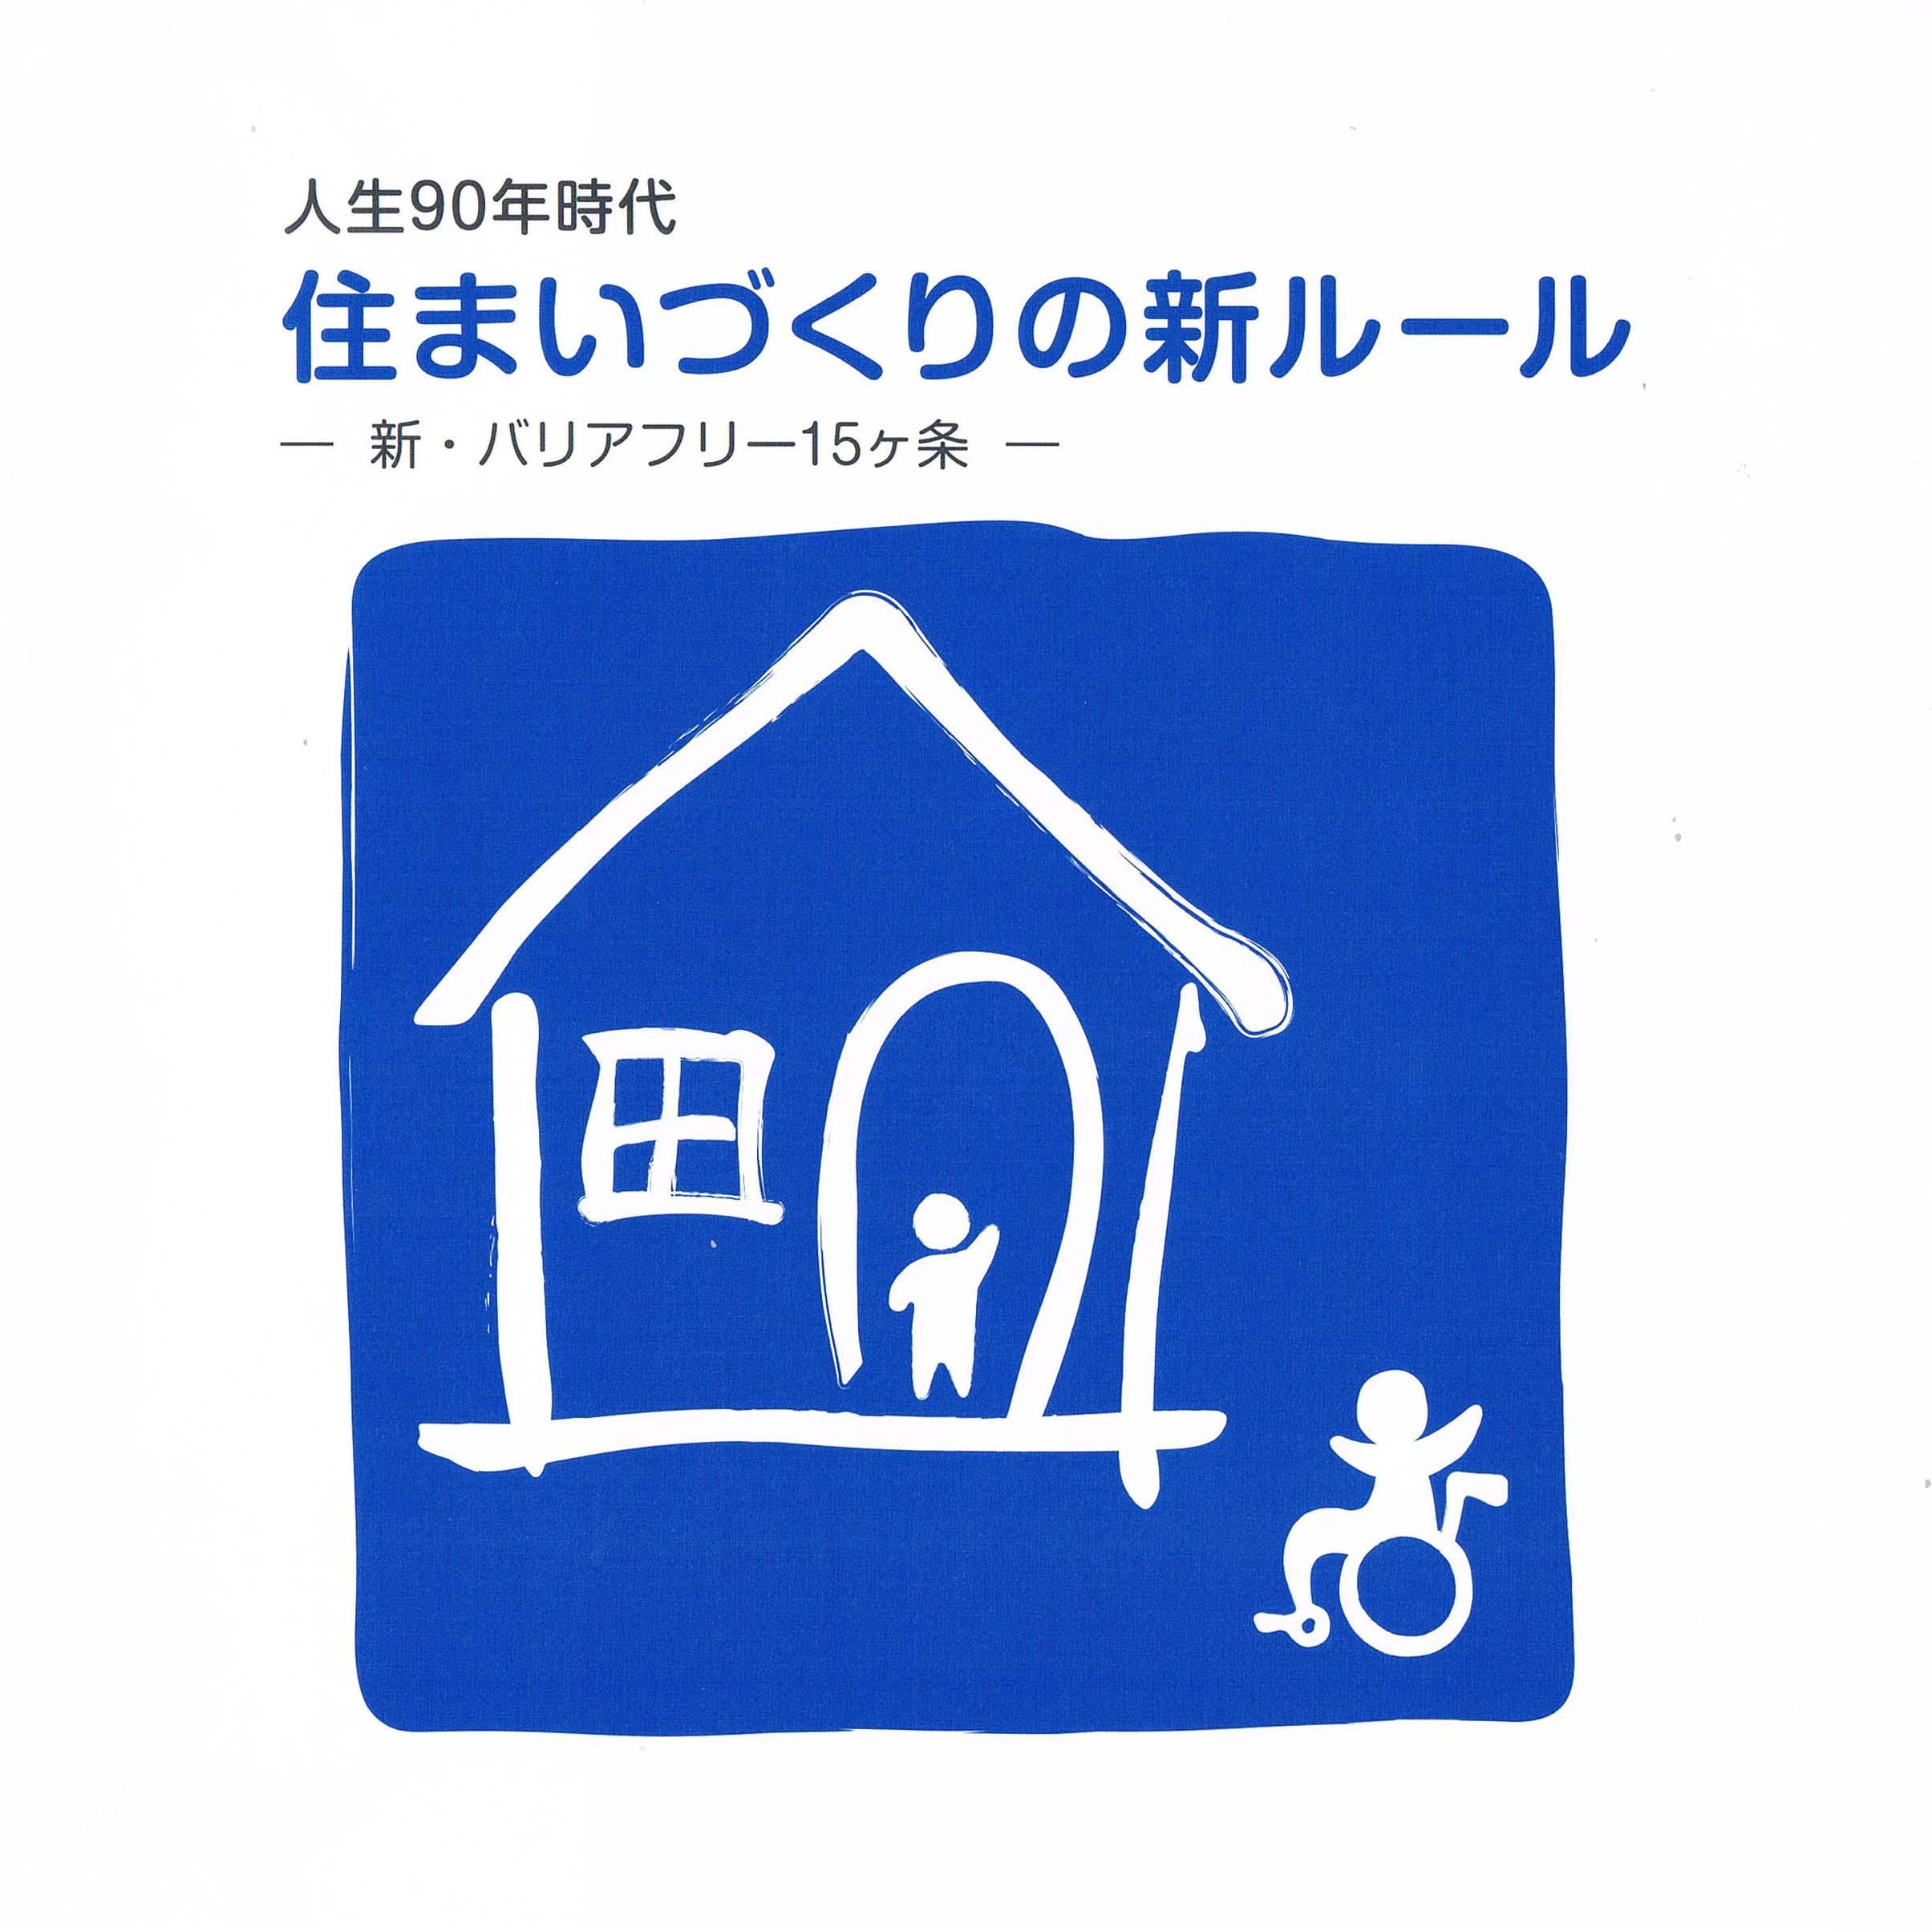 住まいの新ルールの小冊子表紙写真。車いすユーザーを家に招く風景